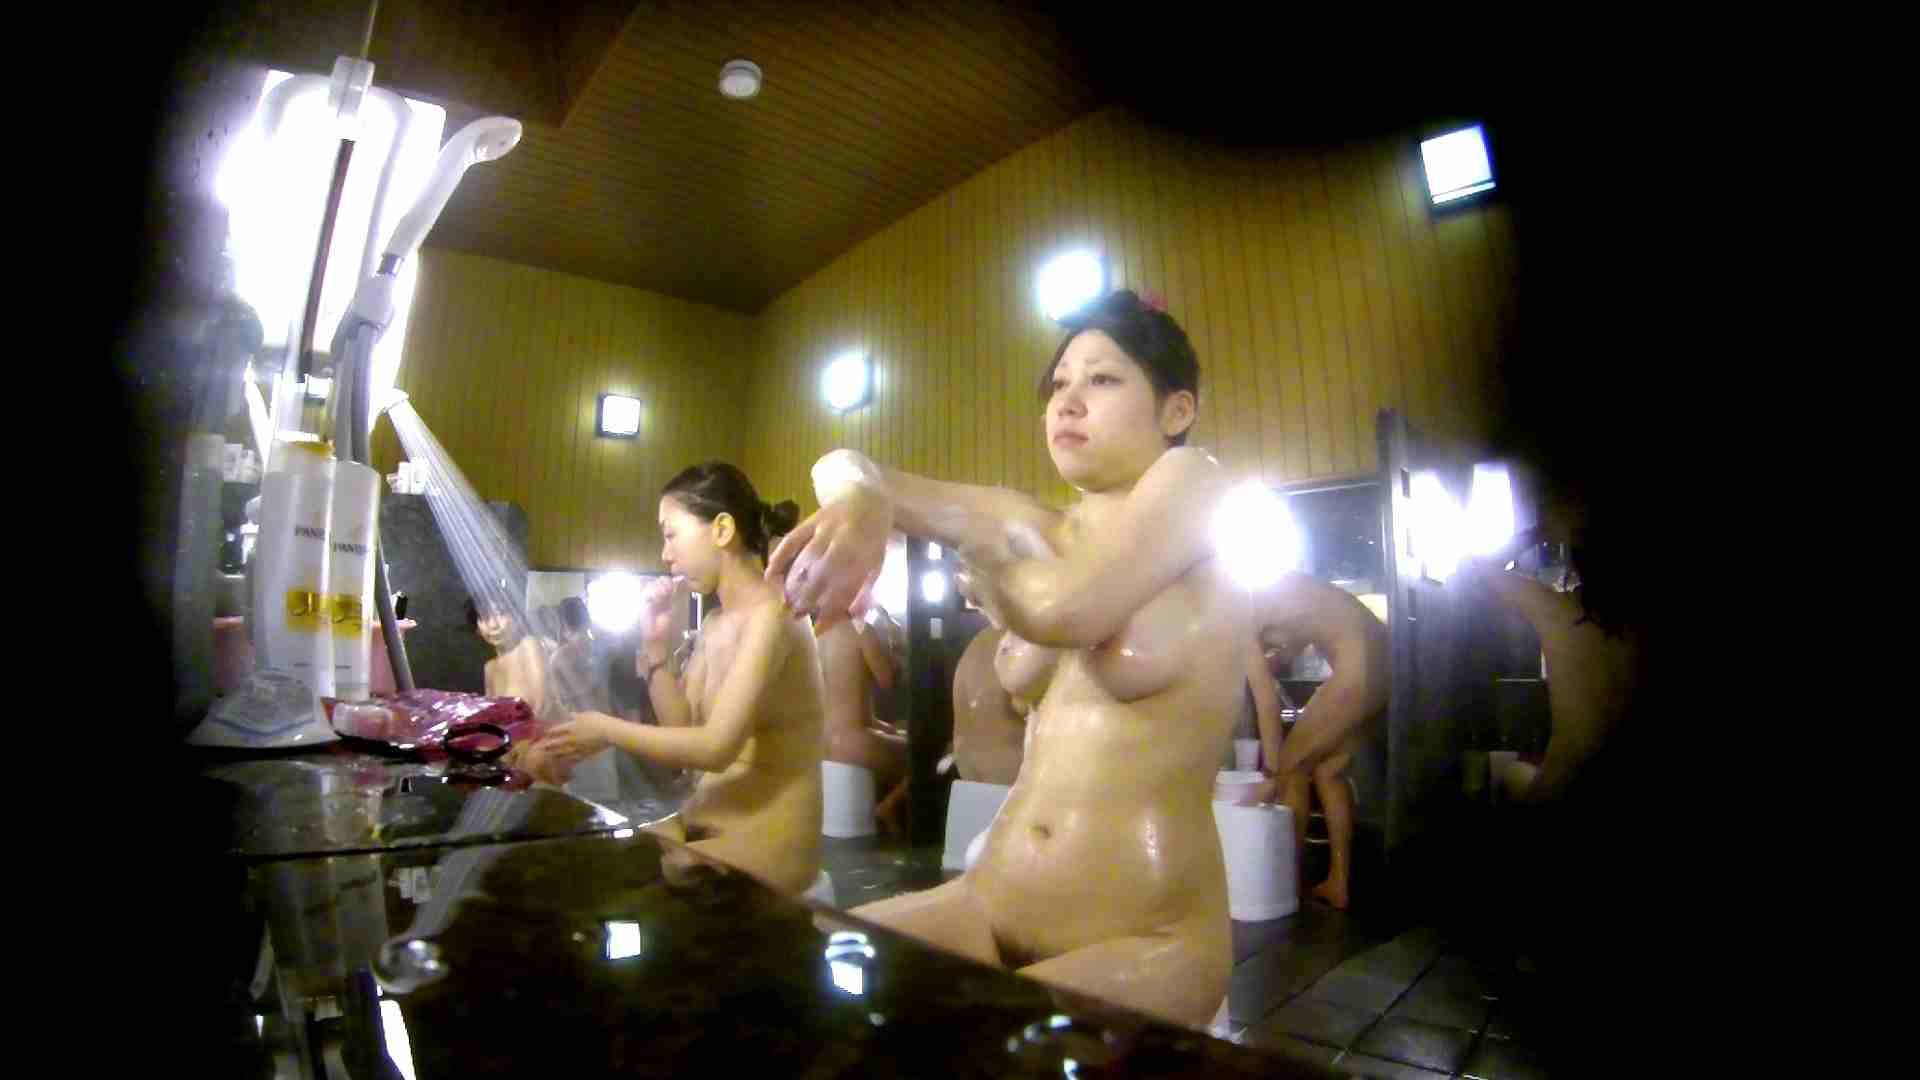 洗い場!柔らかそうな身体は良いけど、歯磨きが下品です。 銭湯特撮 | エロくん潜入  39連発 23